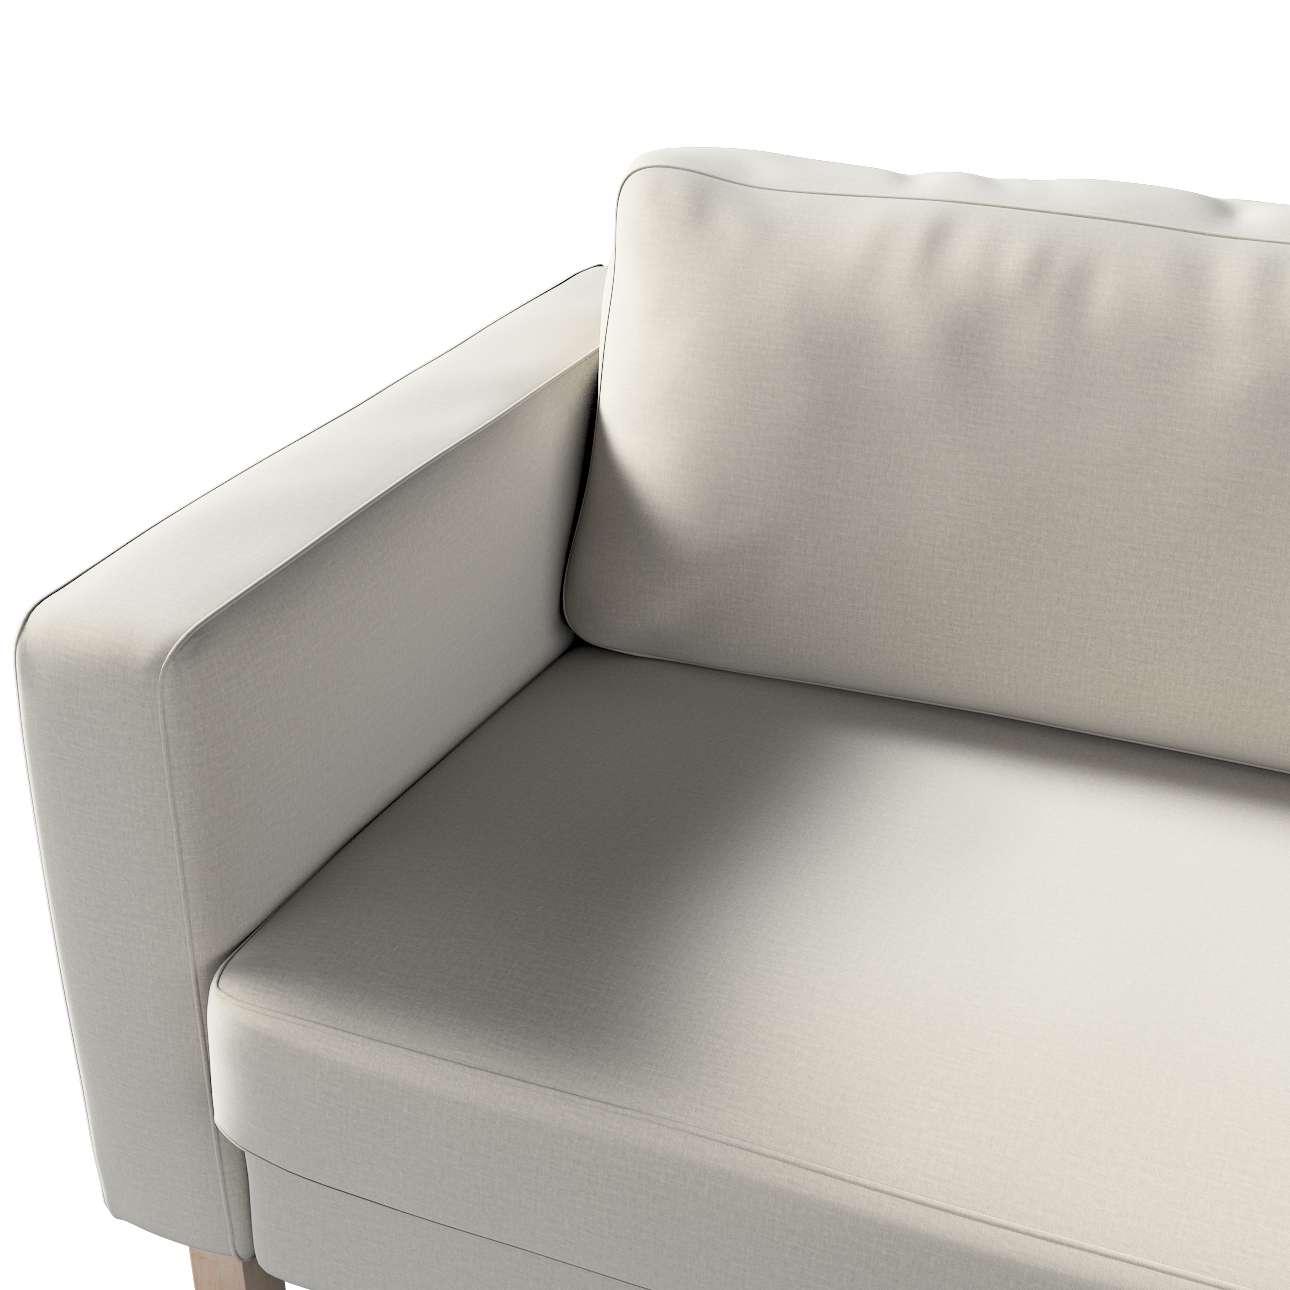 Pokrowiec na sofę Karlstad 3-osobową nierozkładaną, krótki w kolekcji Ingrid, tkanina: 705-40